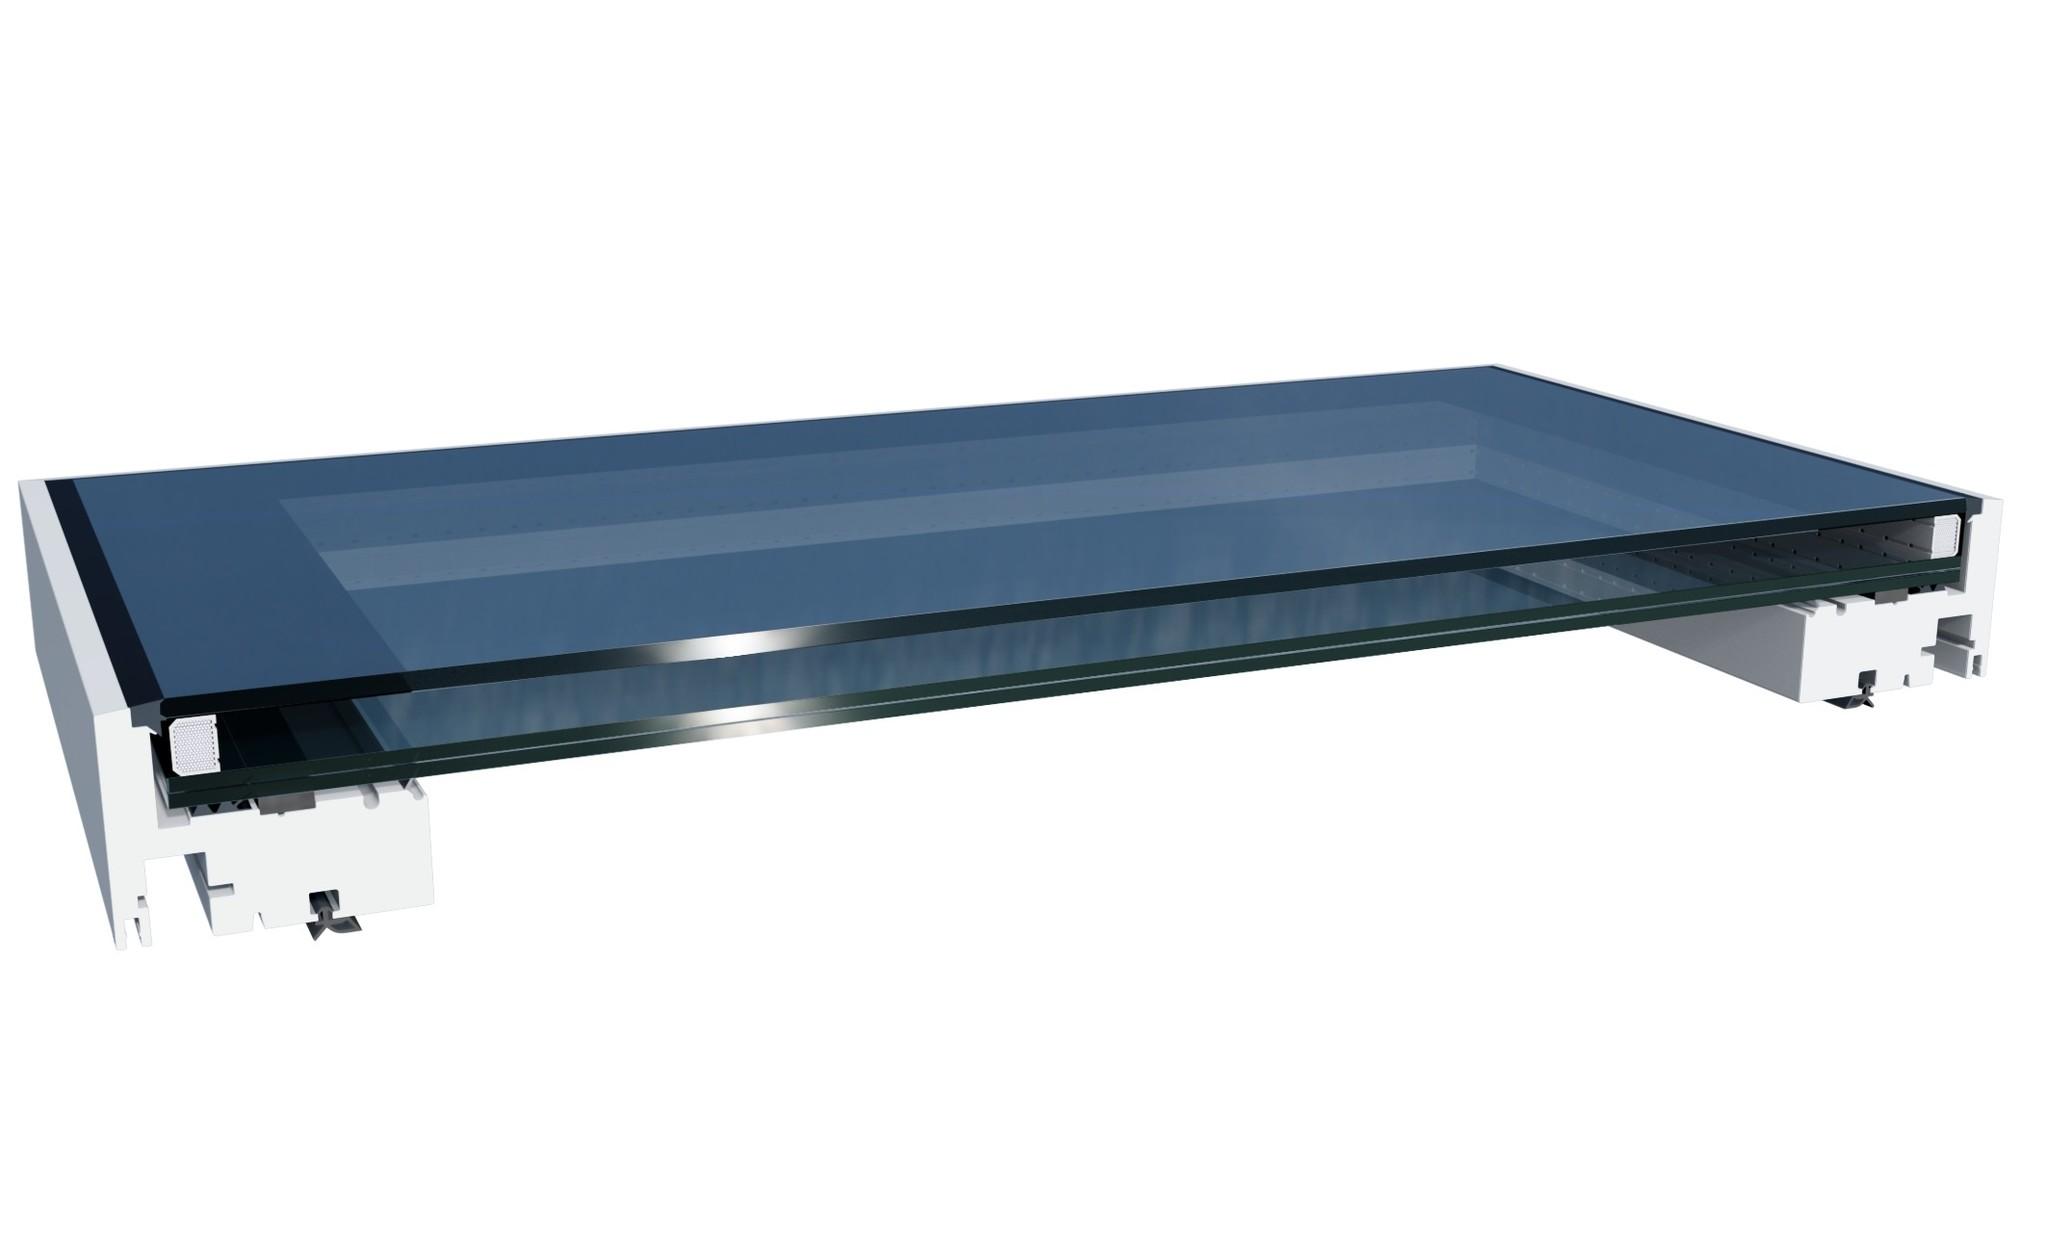 Intura - Lichtkoepel renovatiemodule Intura DGP A1 100x130cm - upgrade oude lichtkoepels